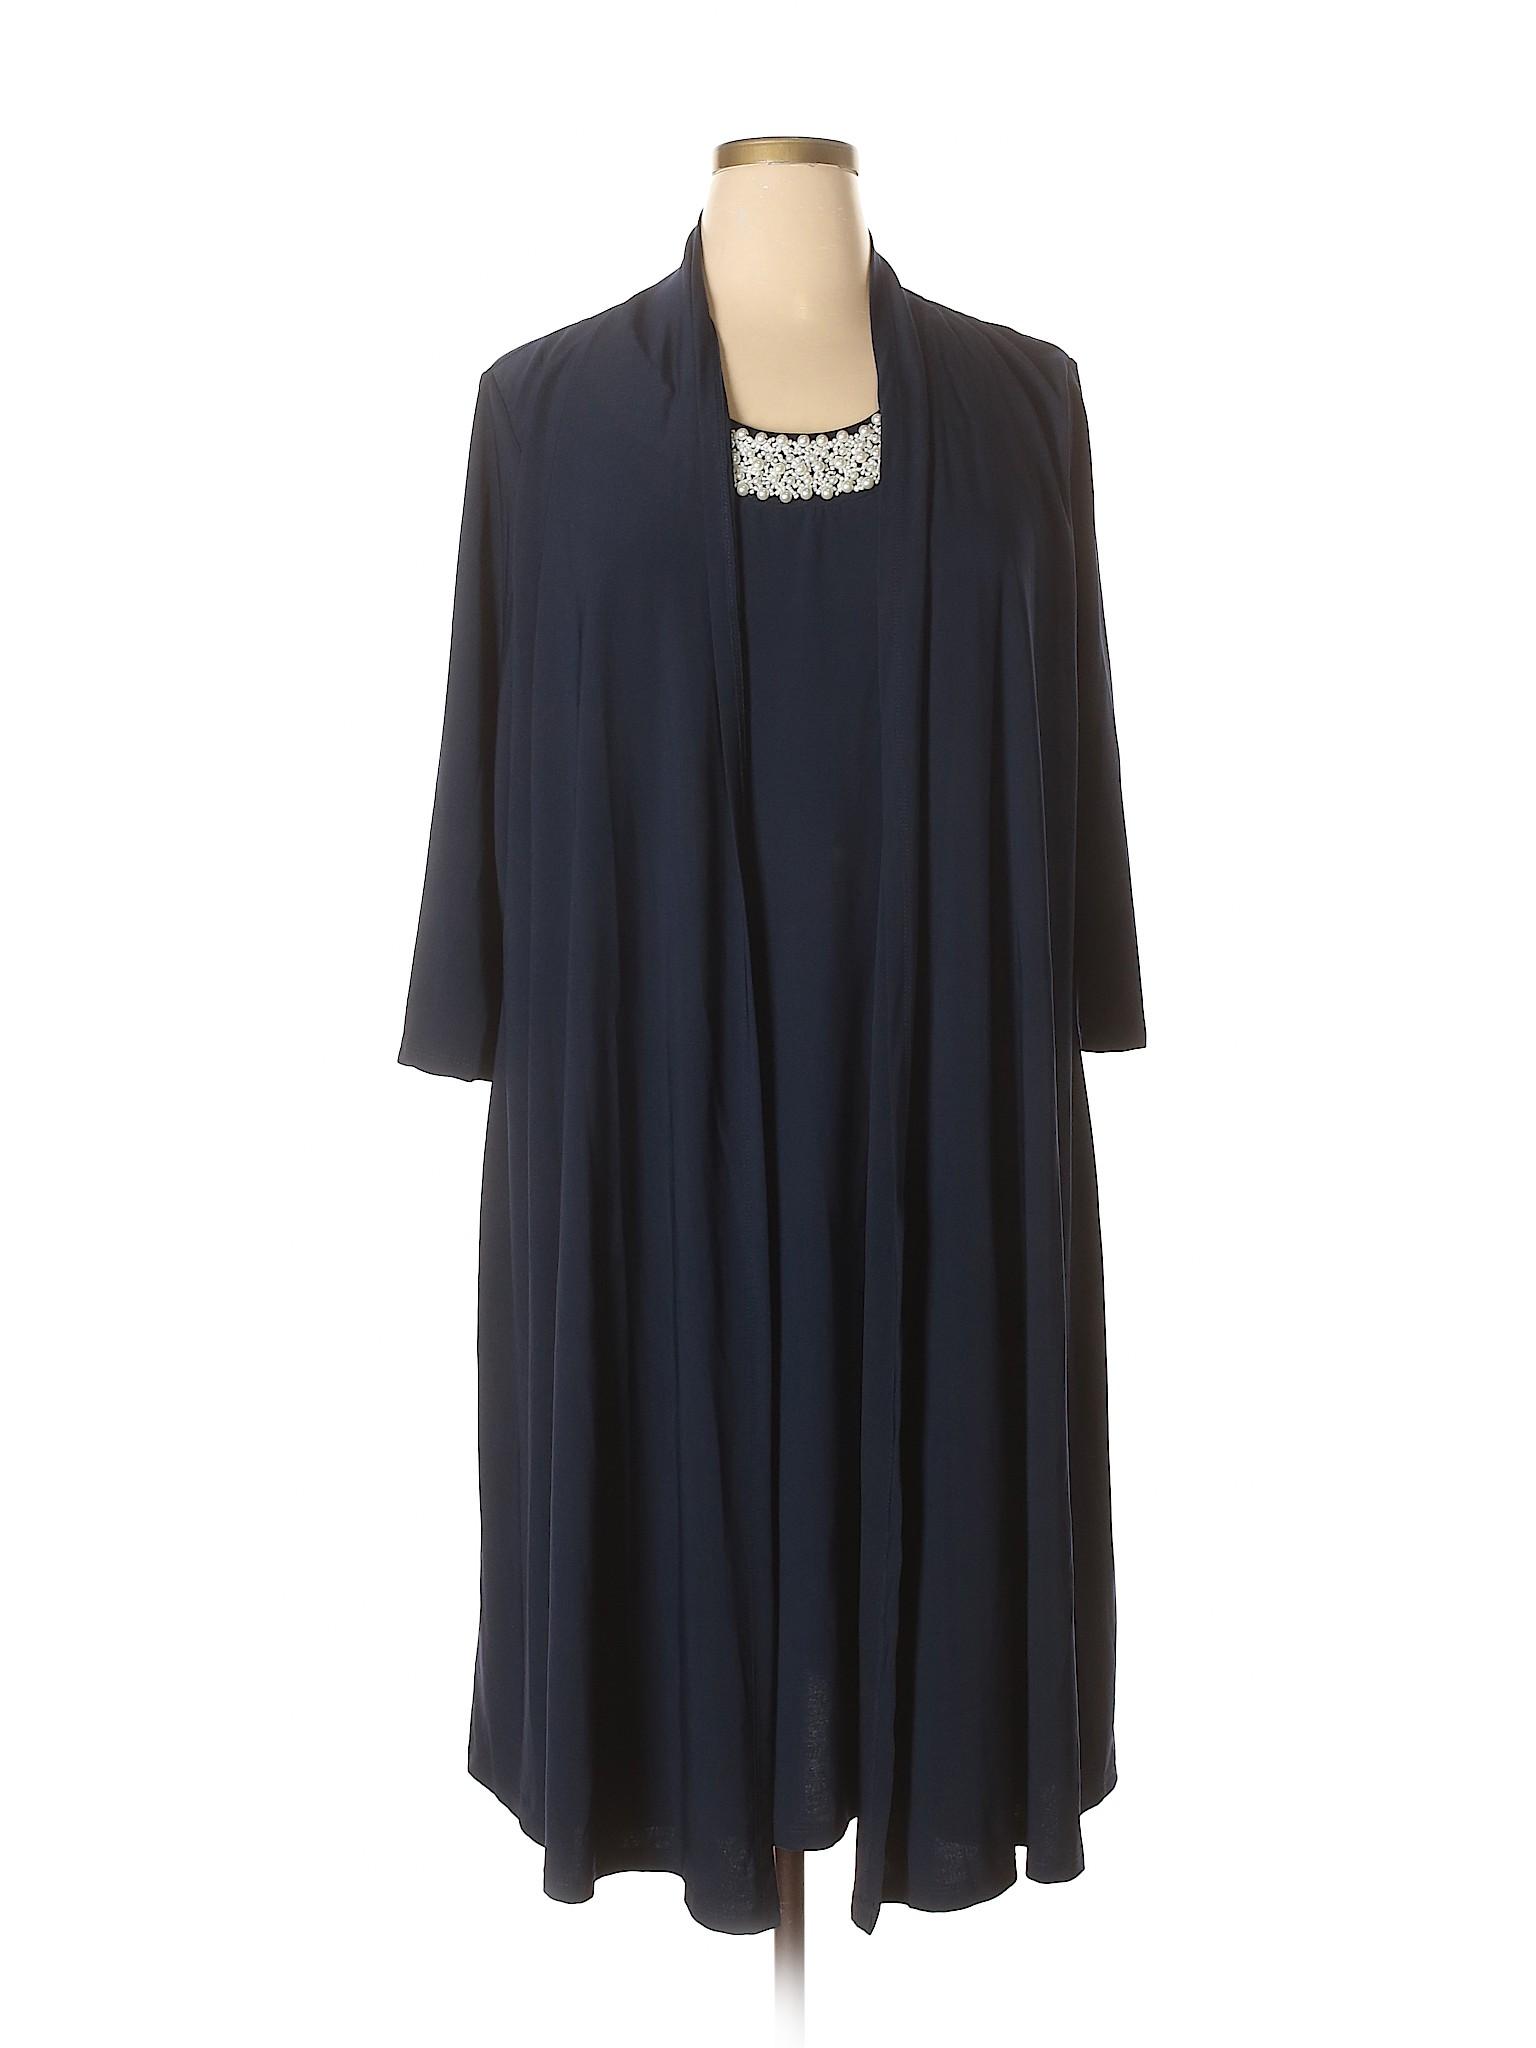 Haani Haani Dress Casual Selling Dress Haani Selling Casual Selling Selling Dress Casual Haani 5qTAnvw